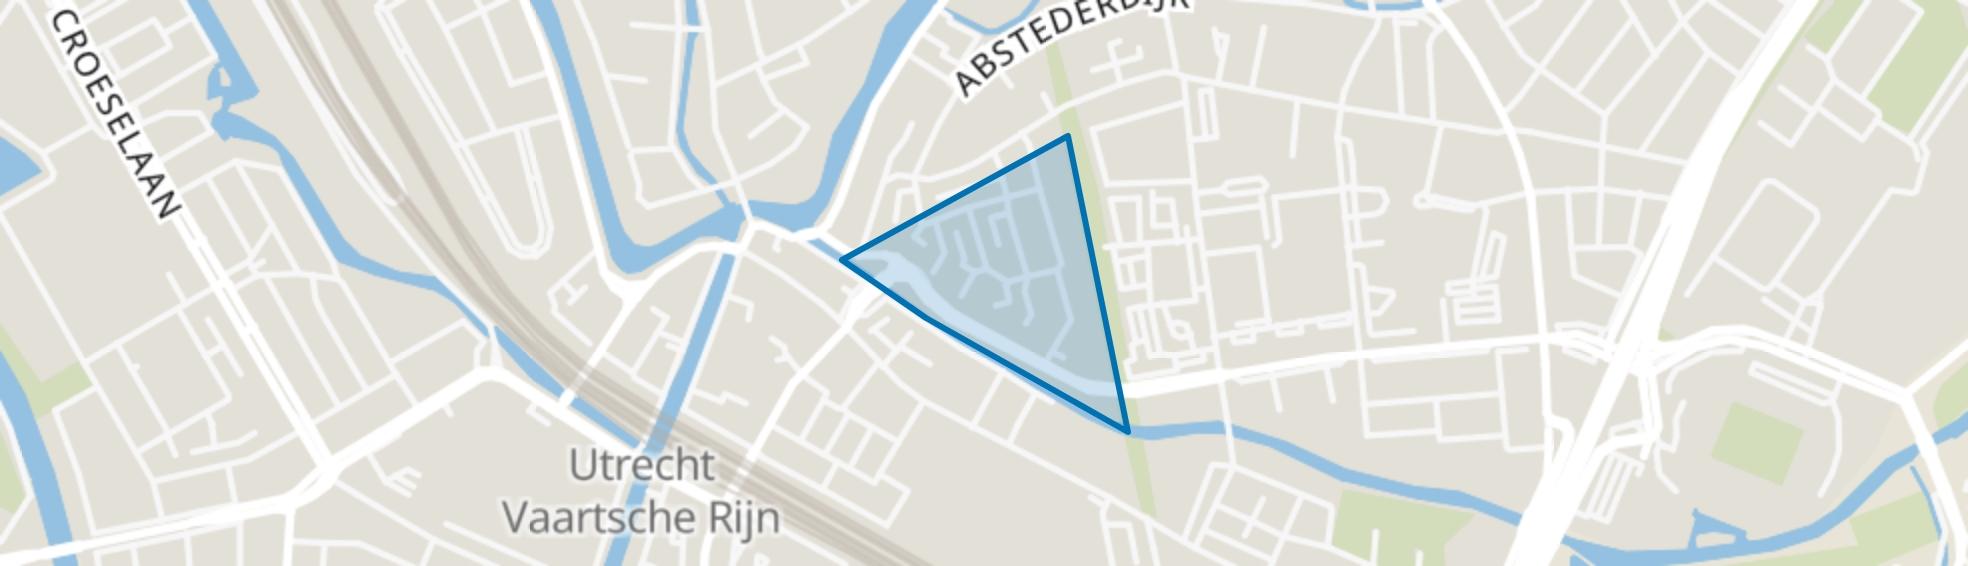 Sterrenwijk, Utrecht map